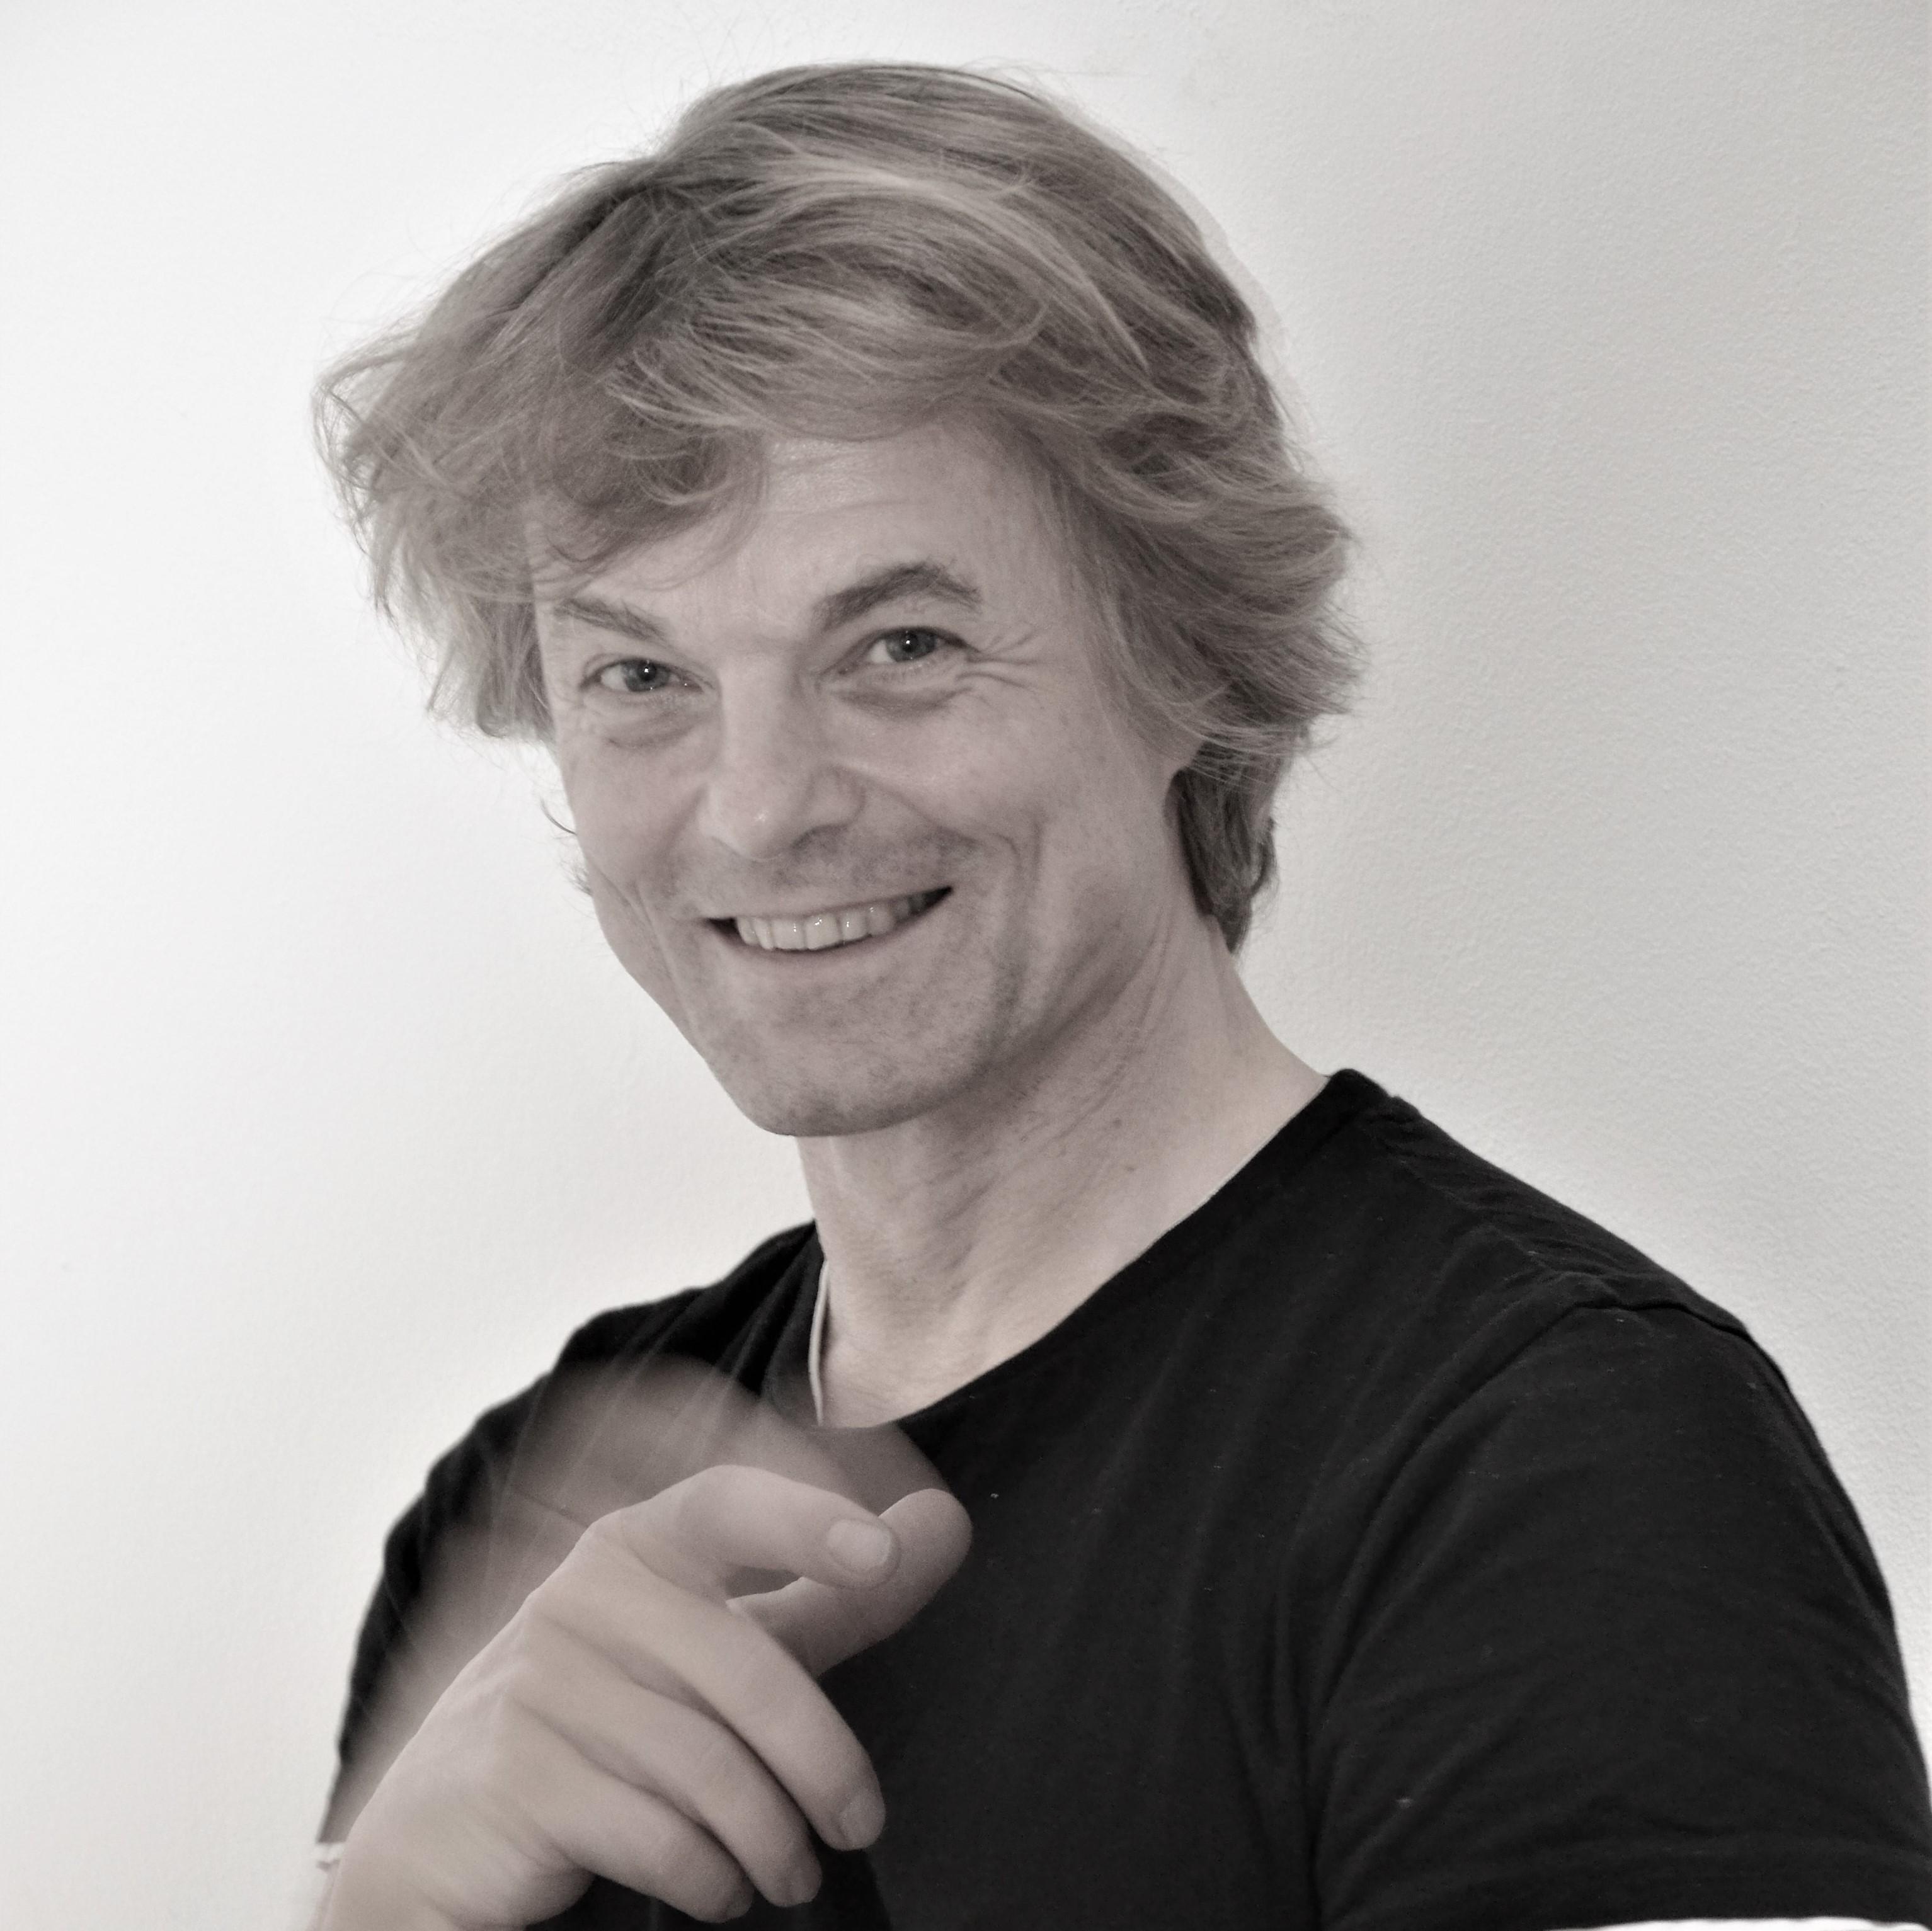 Henrik Kaalund